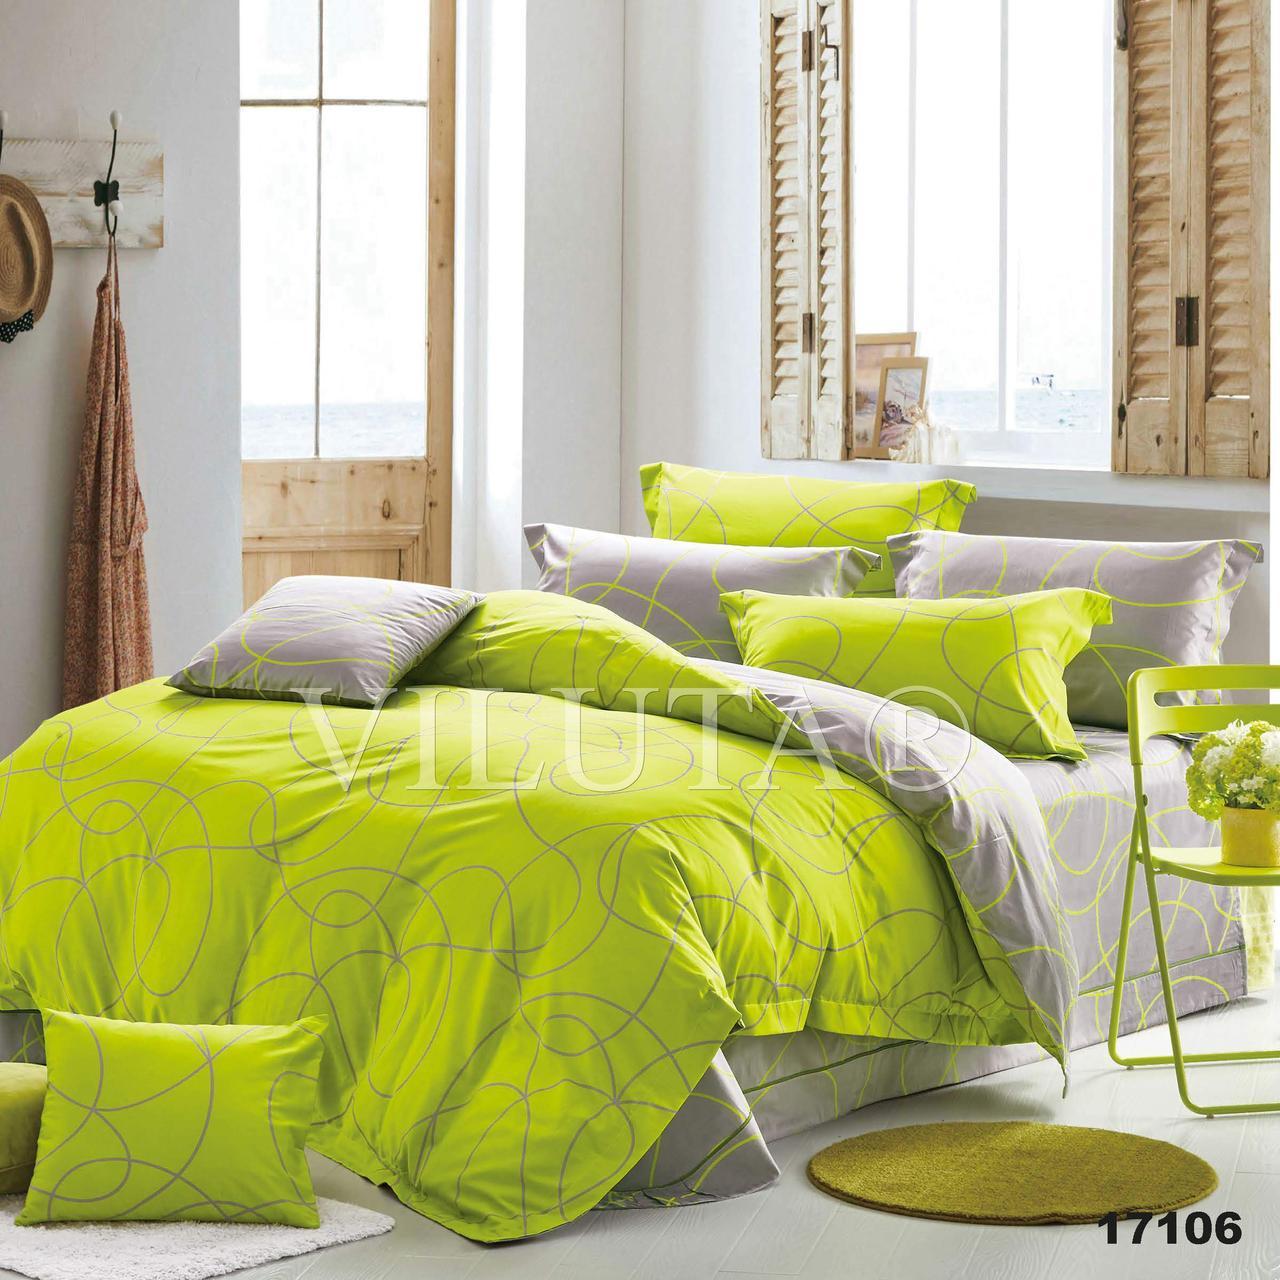 17106 Полуторное постельное белье ранфорс Viluta